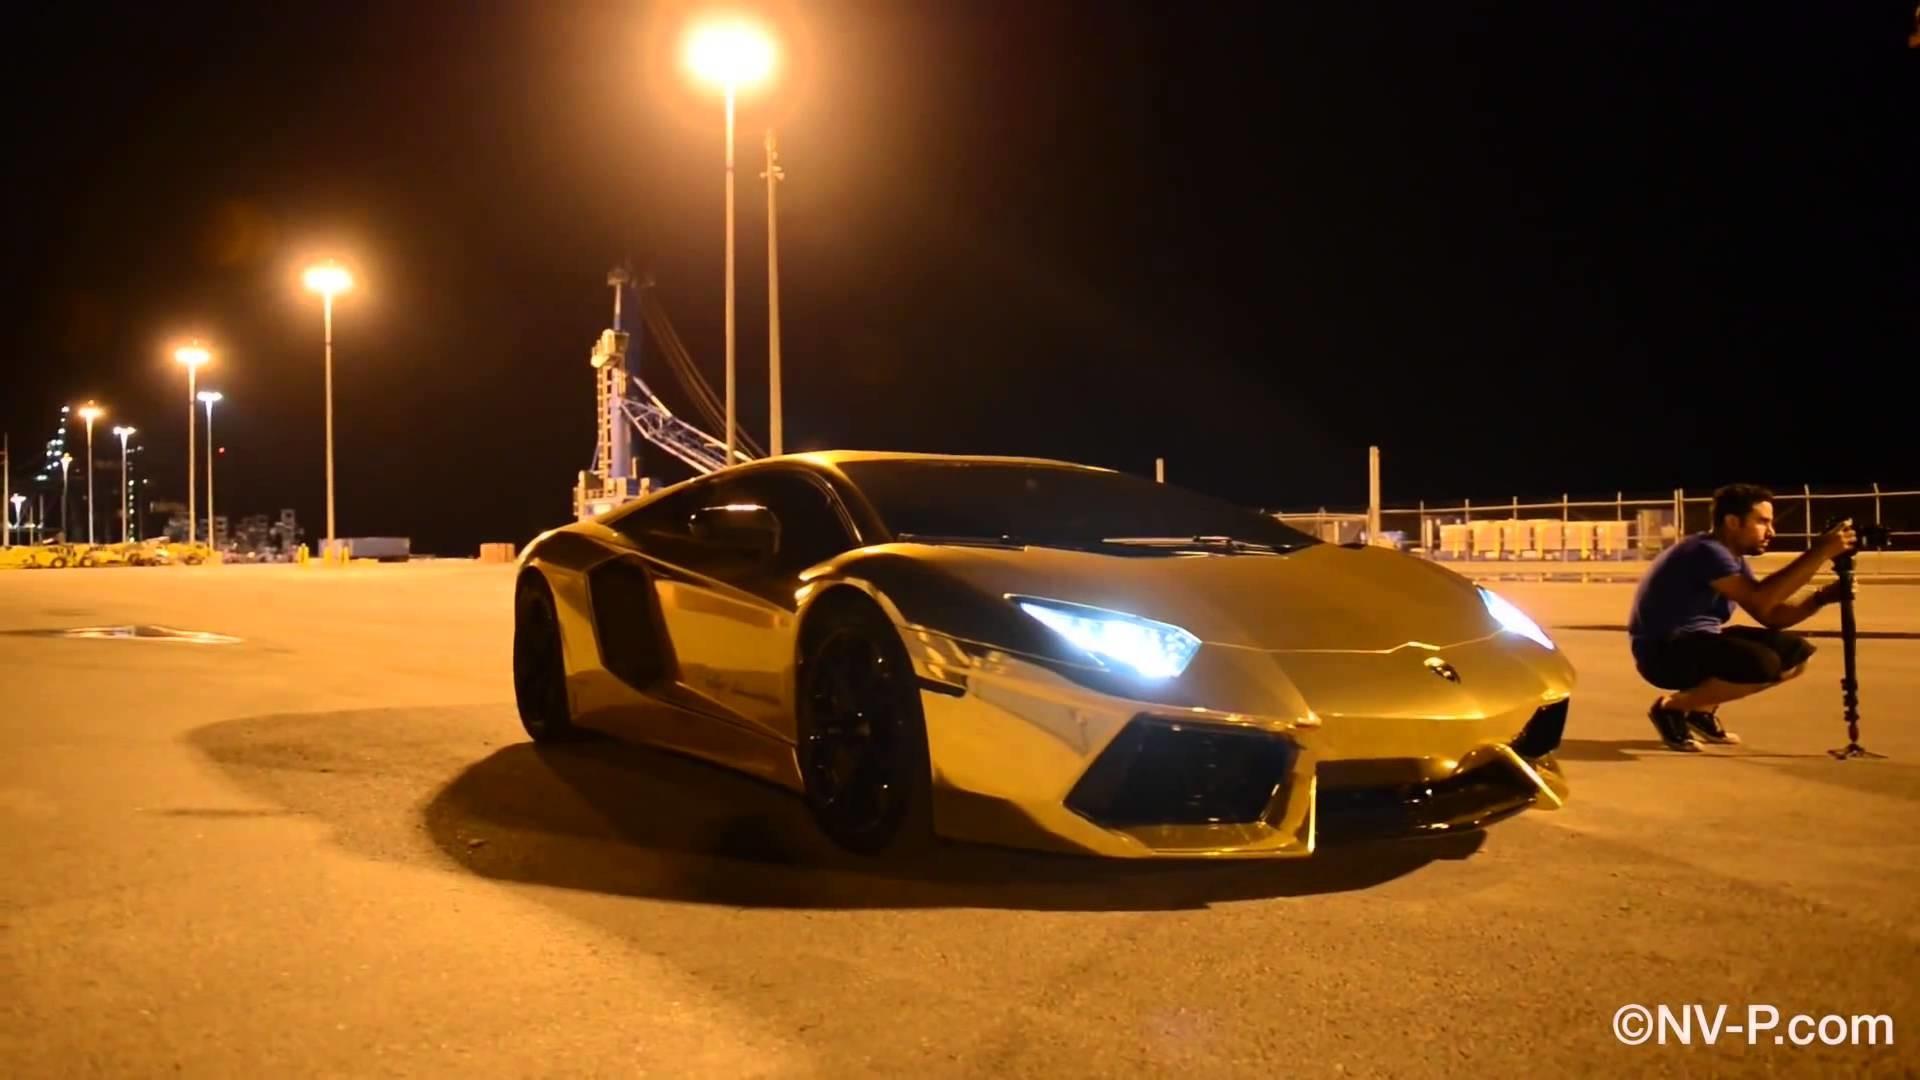 Res: 1920x1080, Lamborghini in Gold